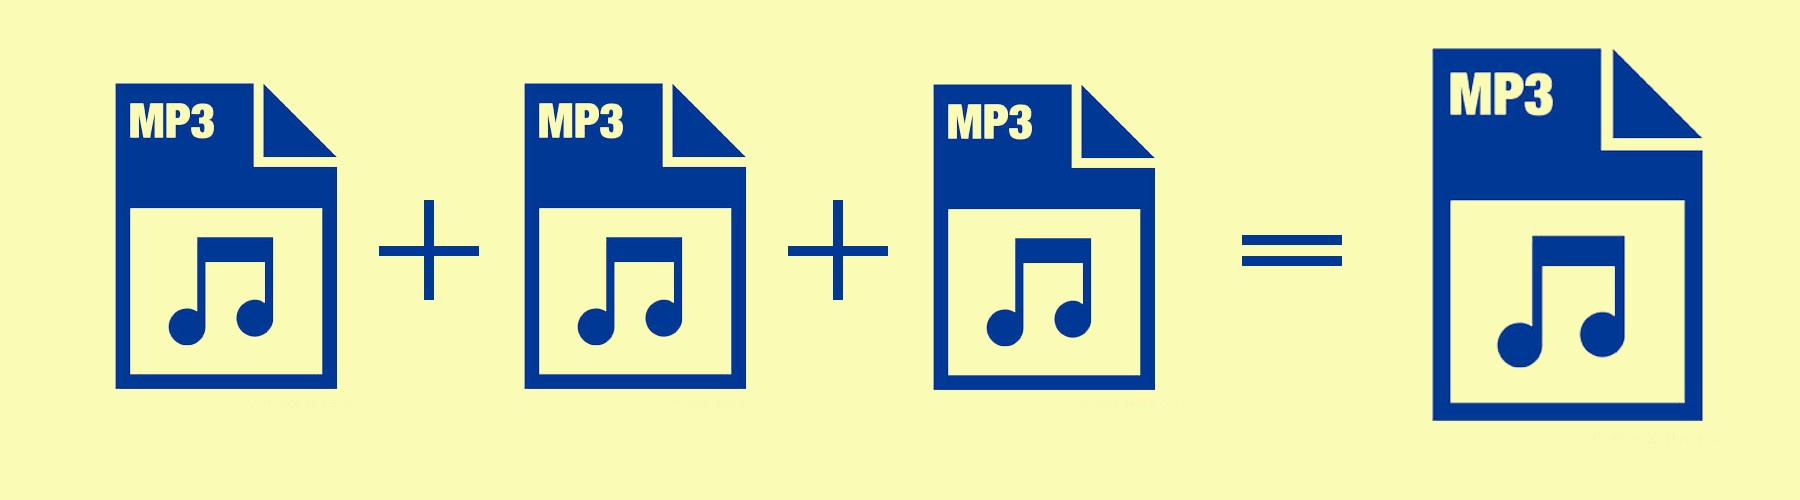 Merge-mp3